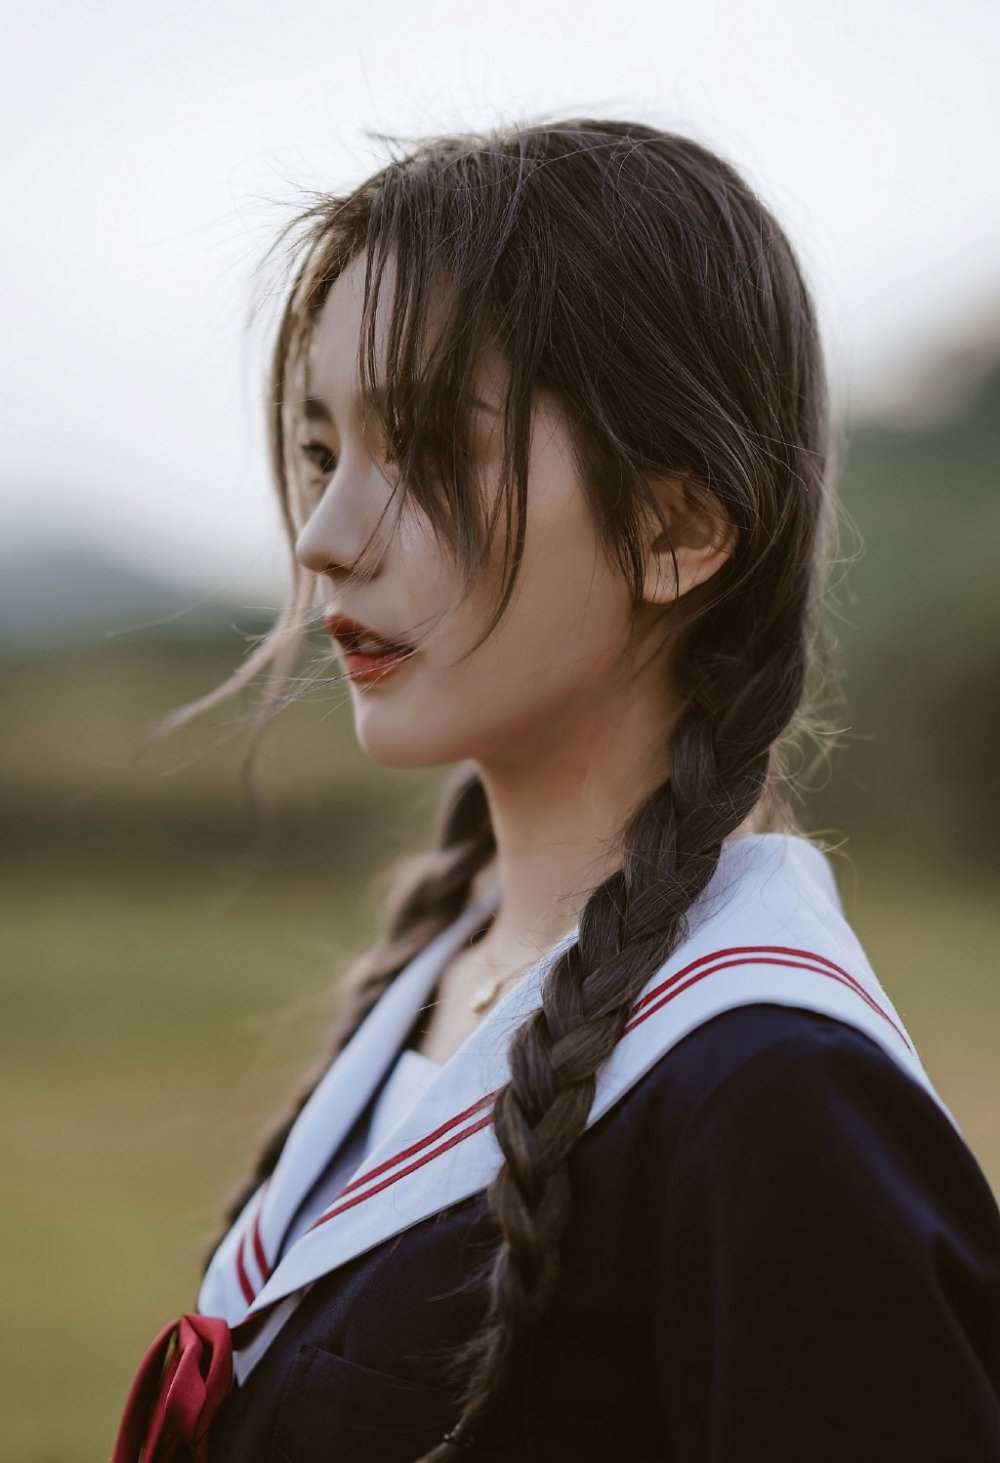 麻花辫日系美女JK水手服迷人写真